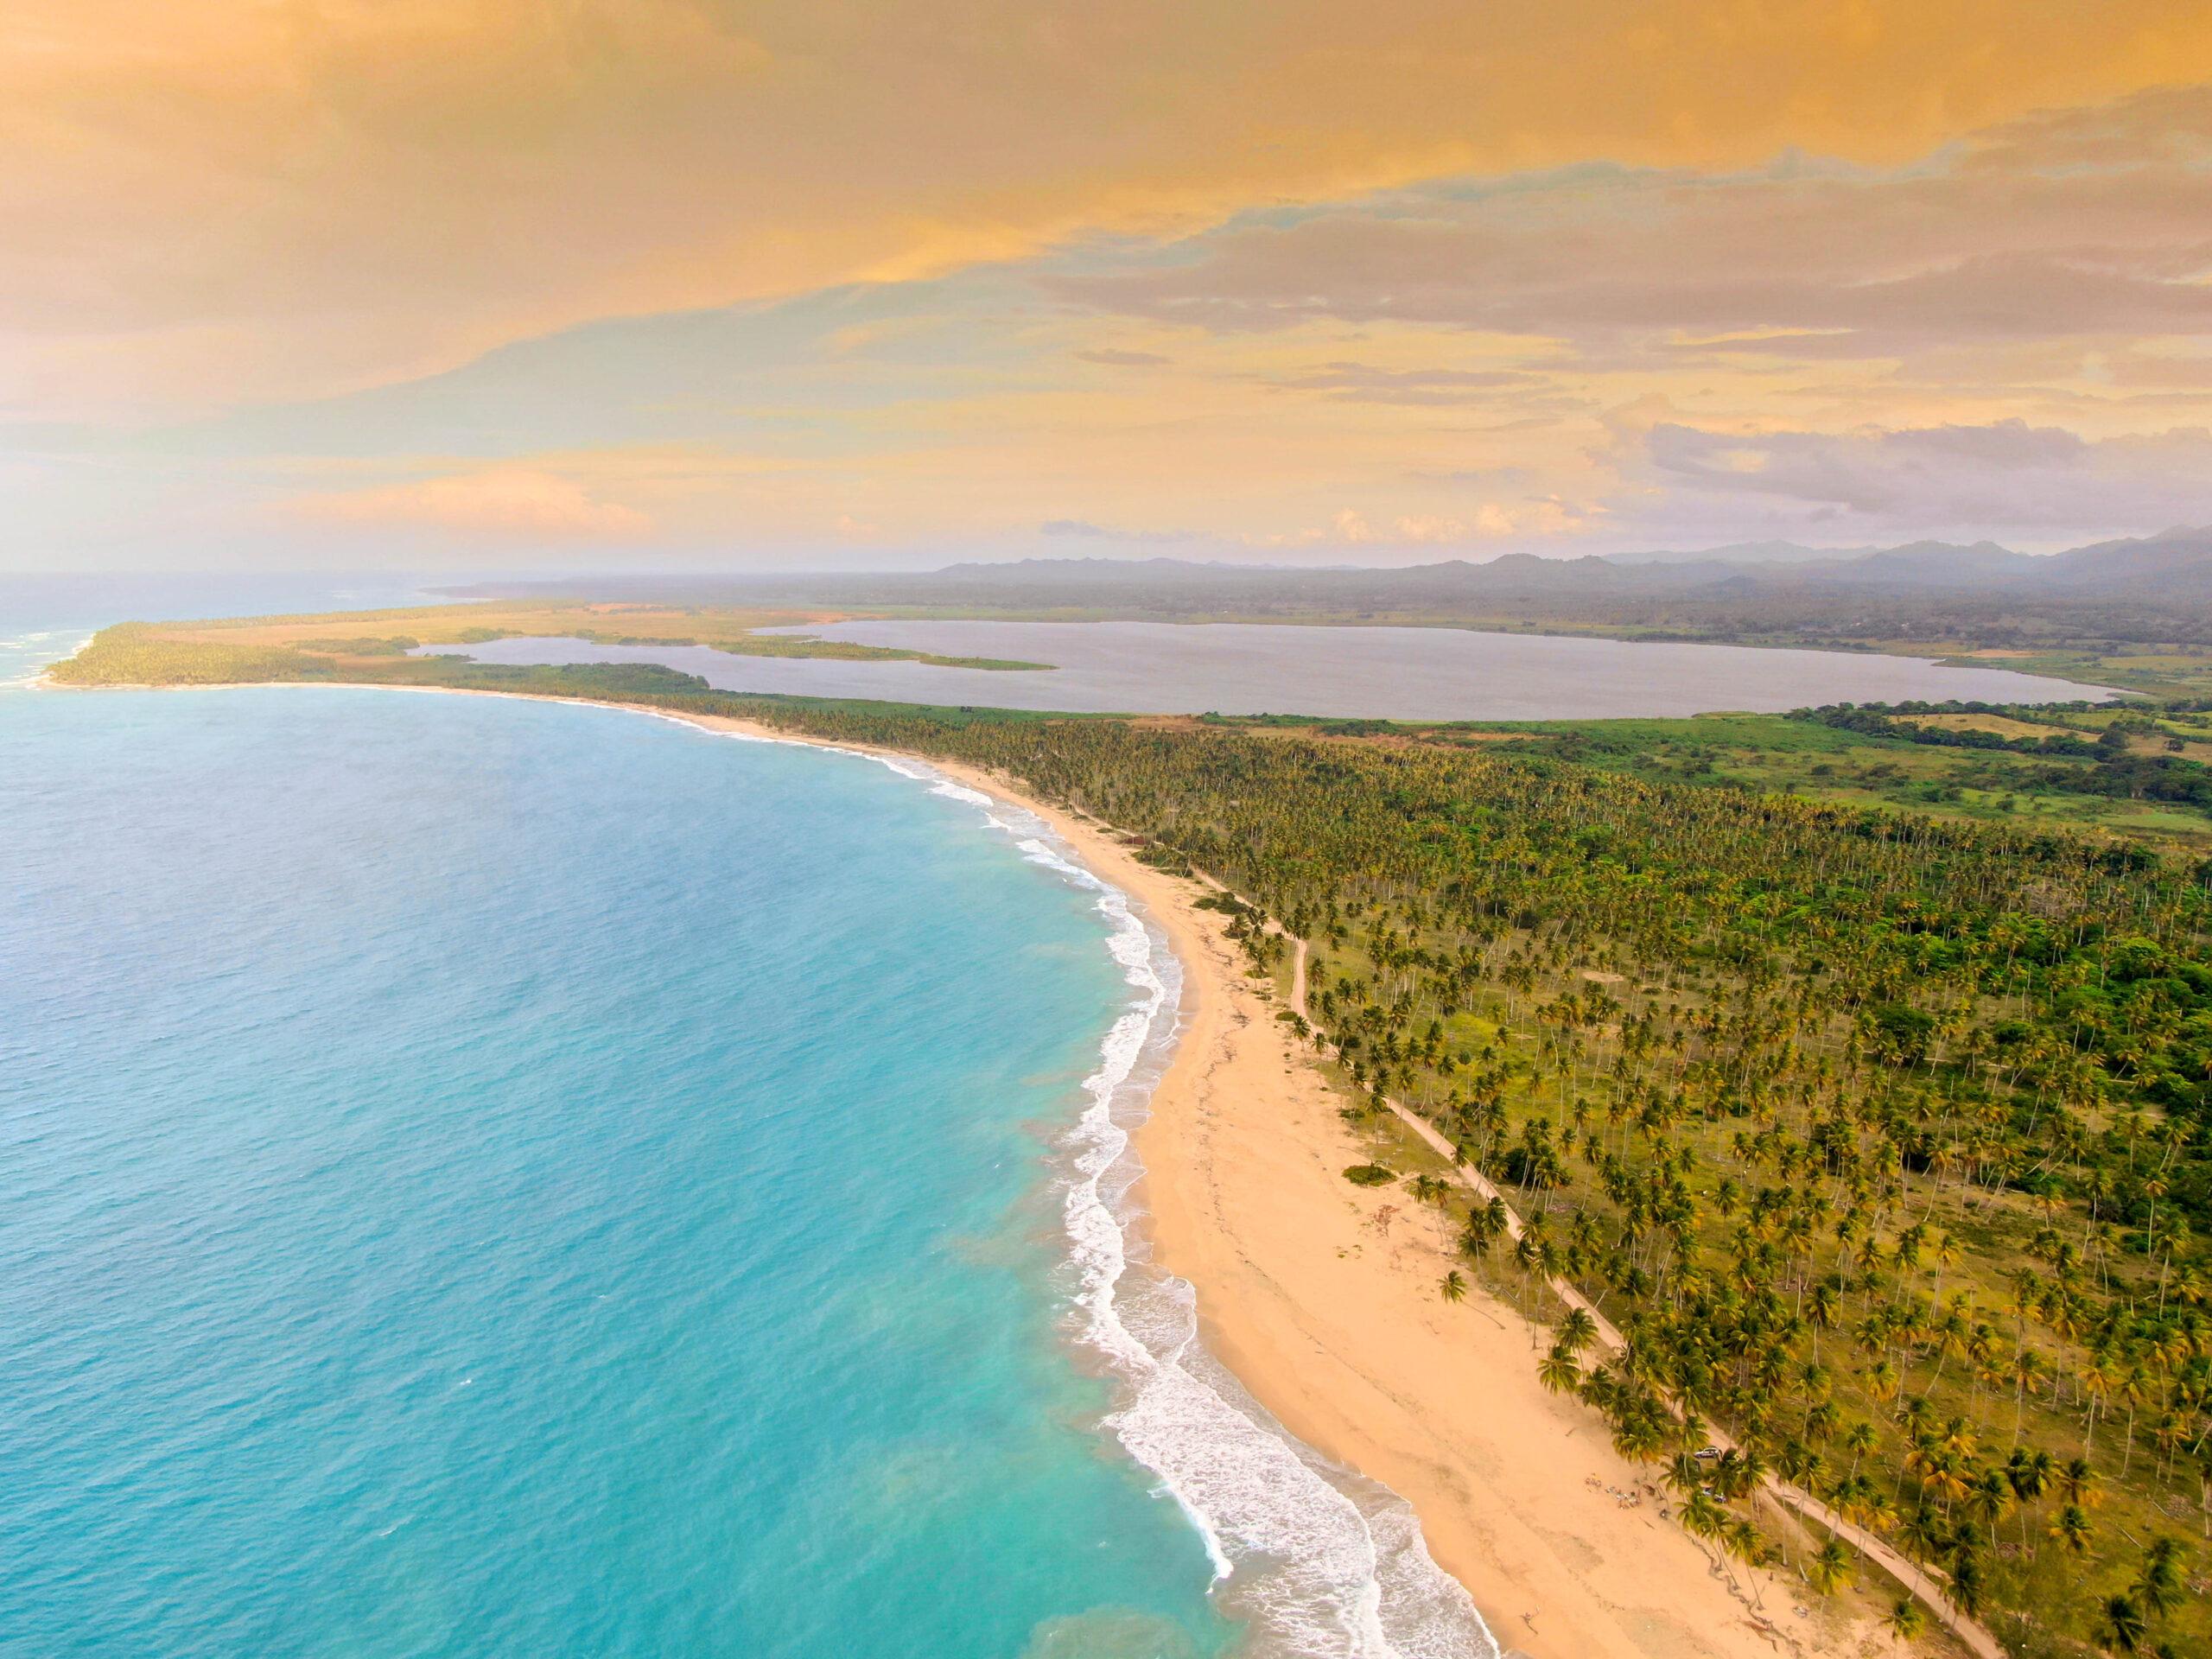 На пляже Эсмеральда в Доминикане построят 2 отеля стоимостью $400 млн